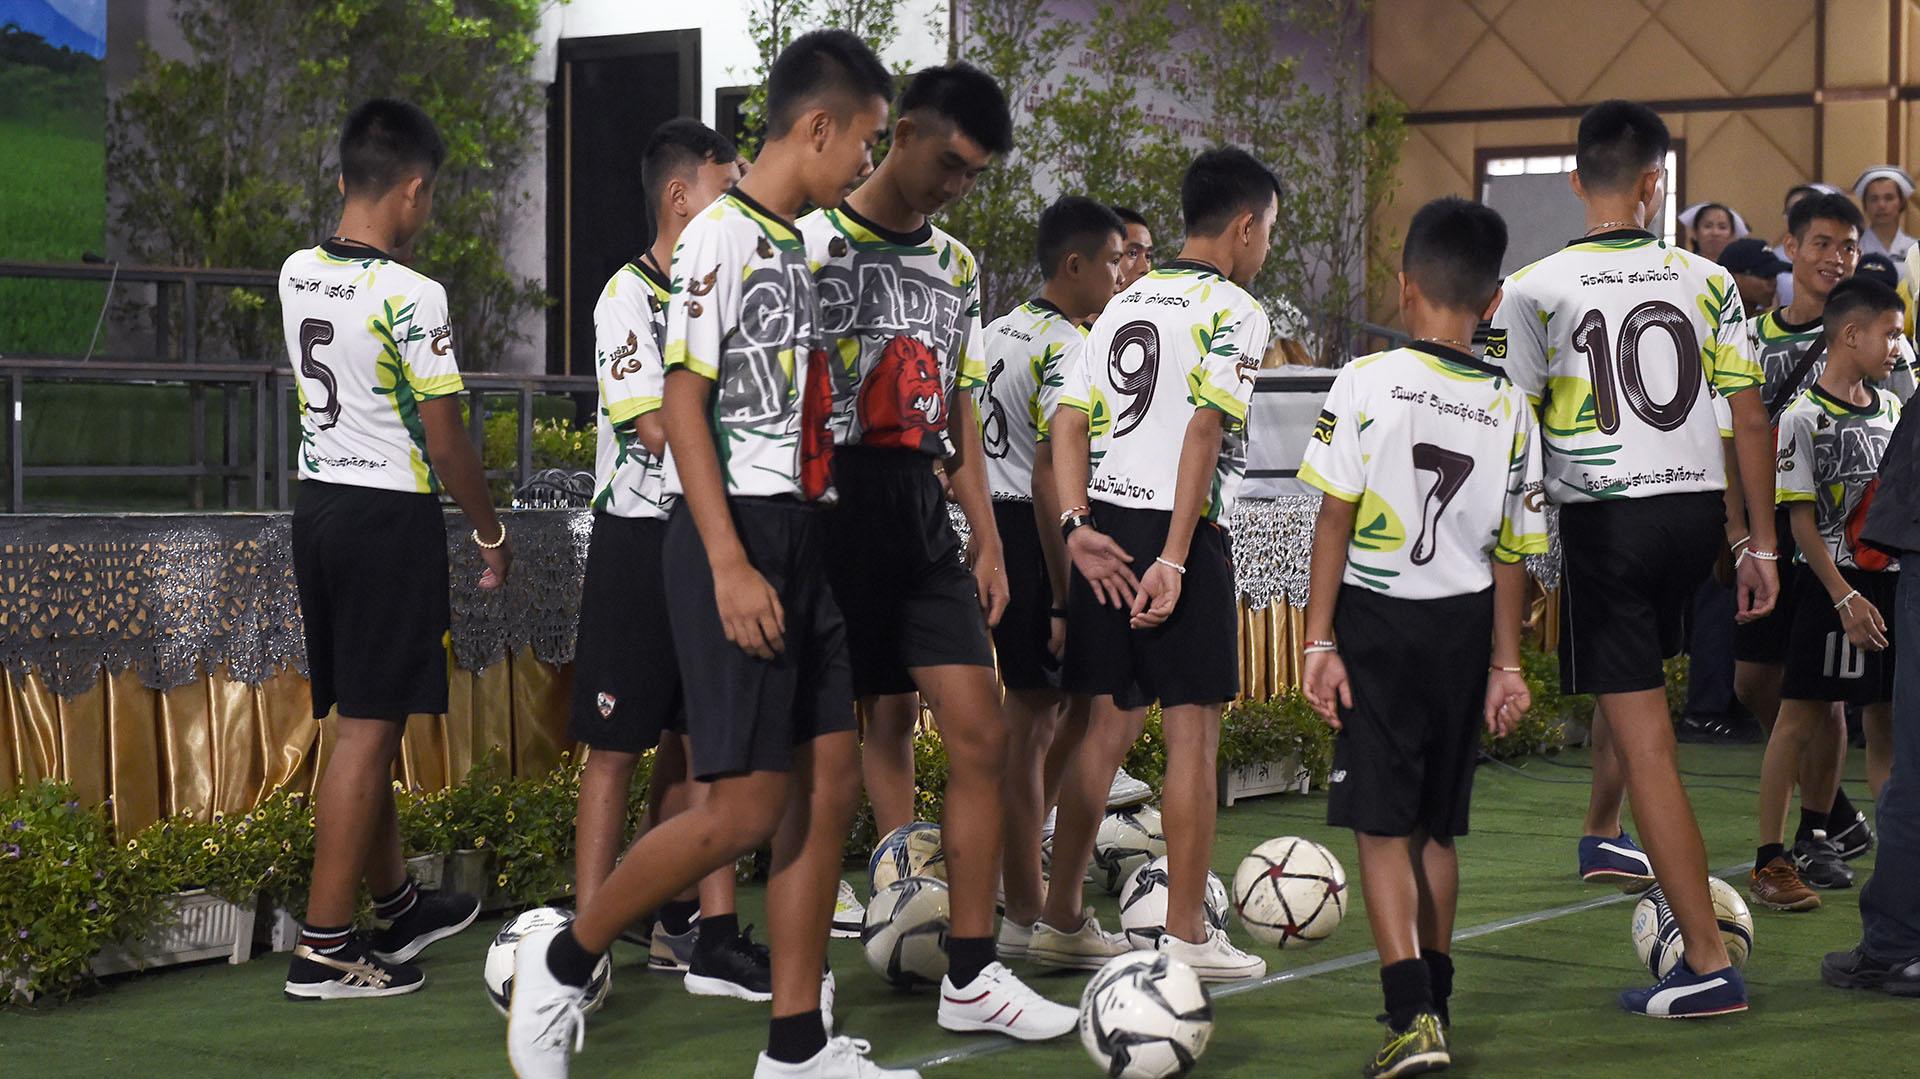 Luego de la conferencia, los menores realizaron algunos juegos de fútbol frente a las cámaras